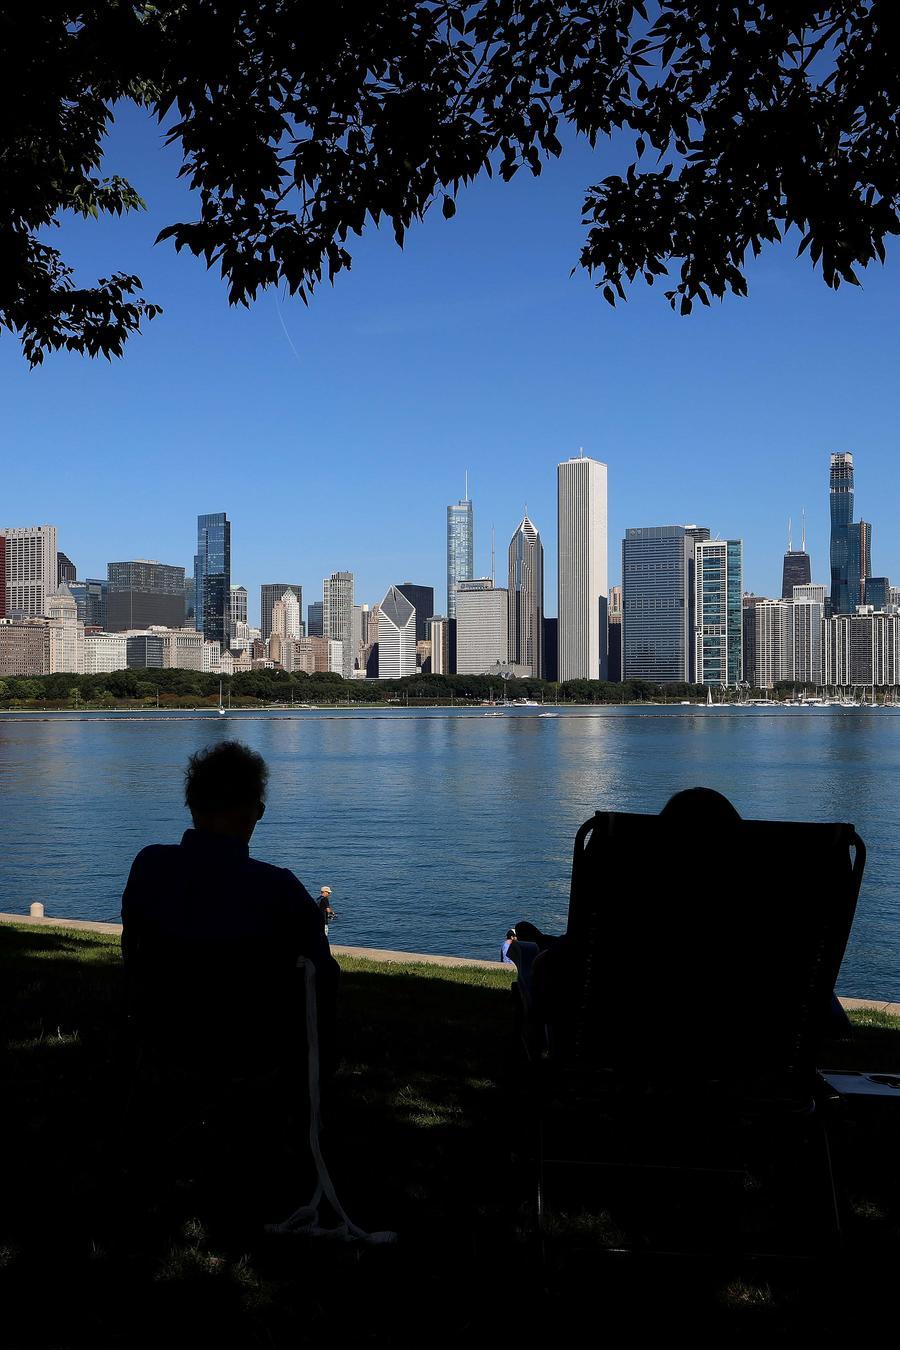 Fotografía de archivo de la ciudad de Chicago, Illinois